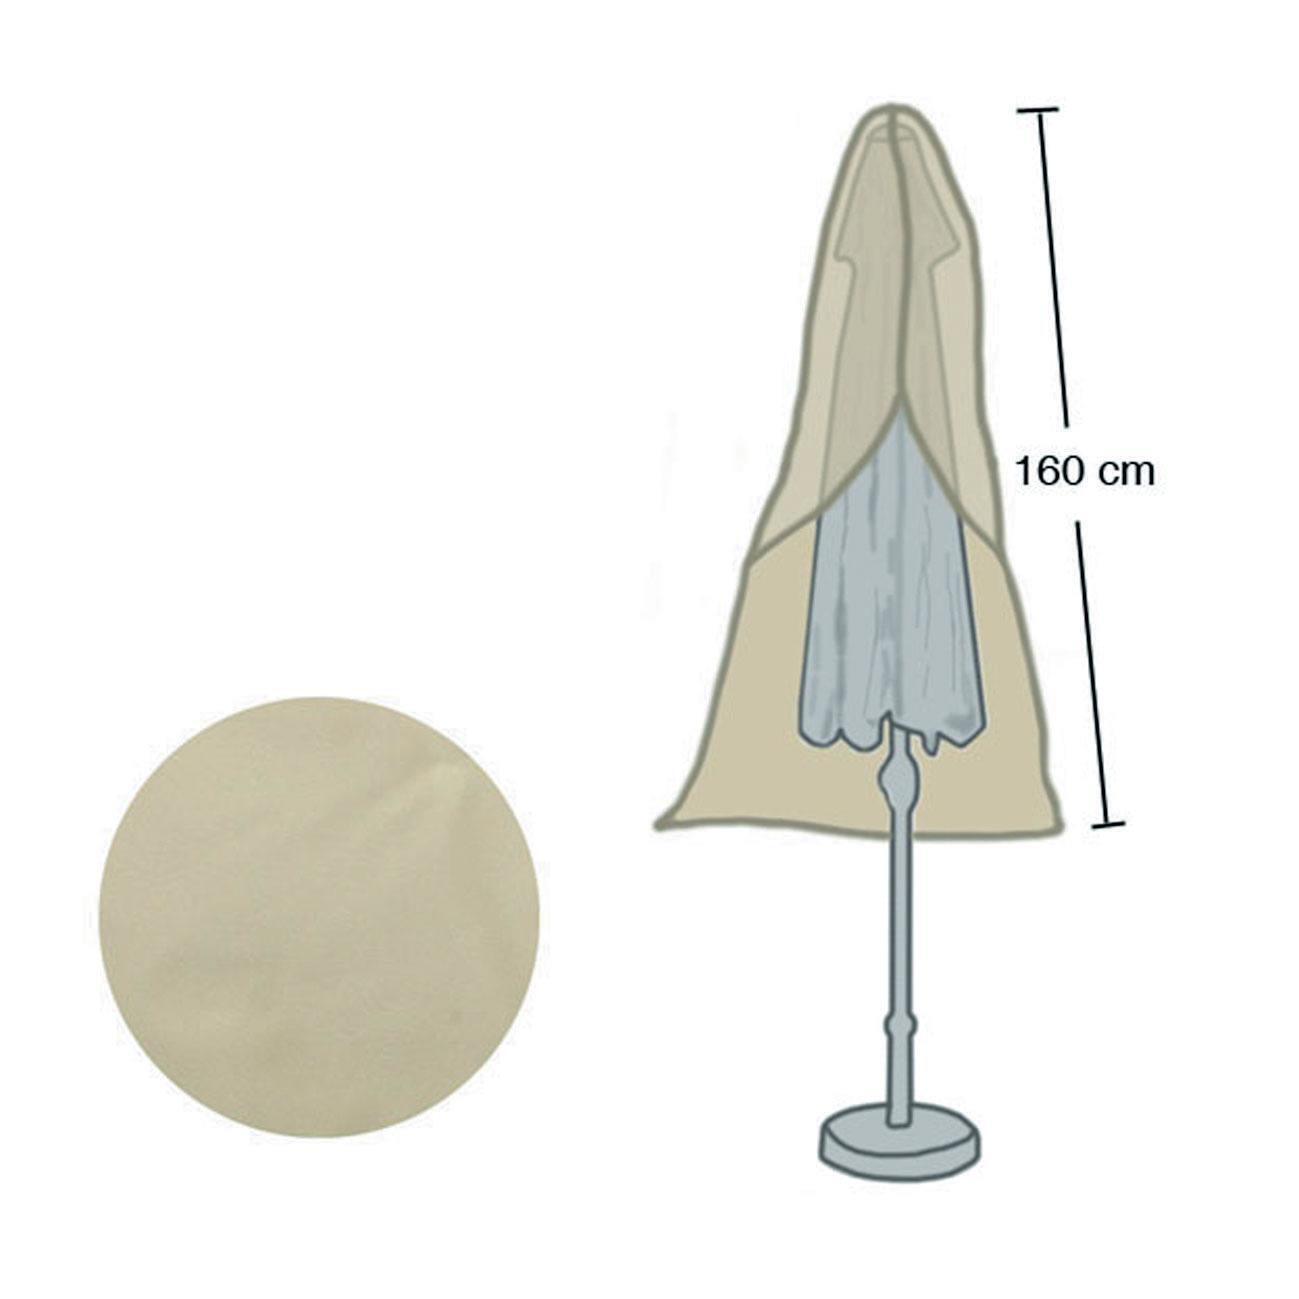 Copertura protettiva per mobili da esterno in poliestere NATERIAL L 22 x P 160 x H 160 cm - 5